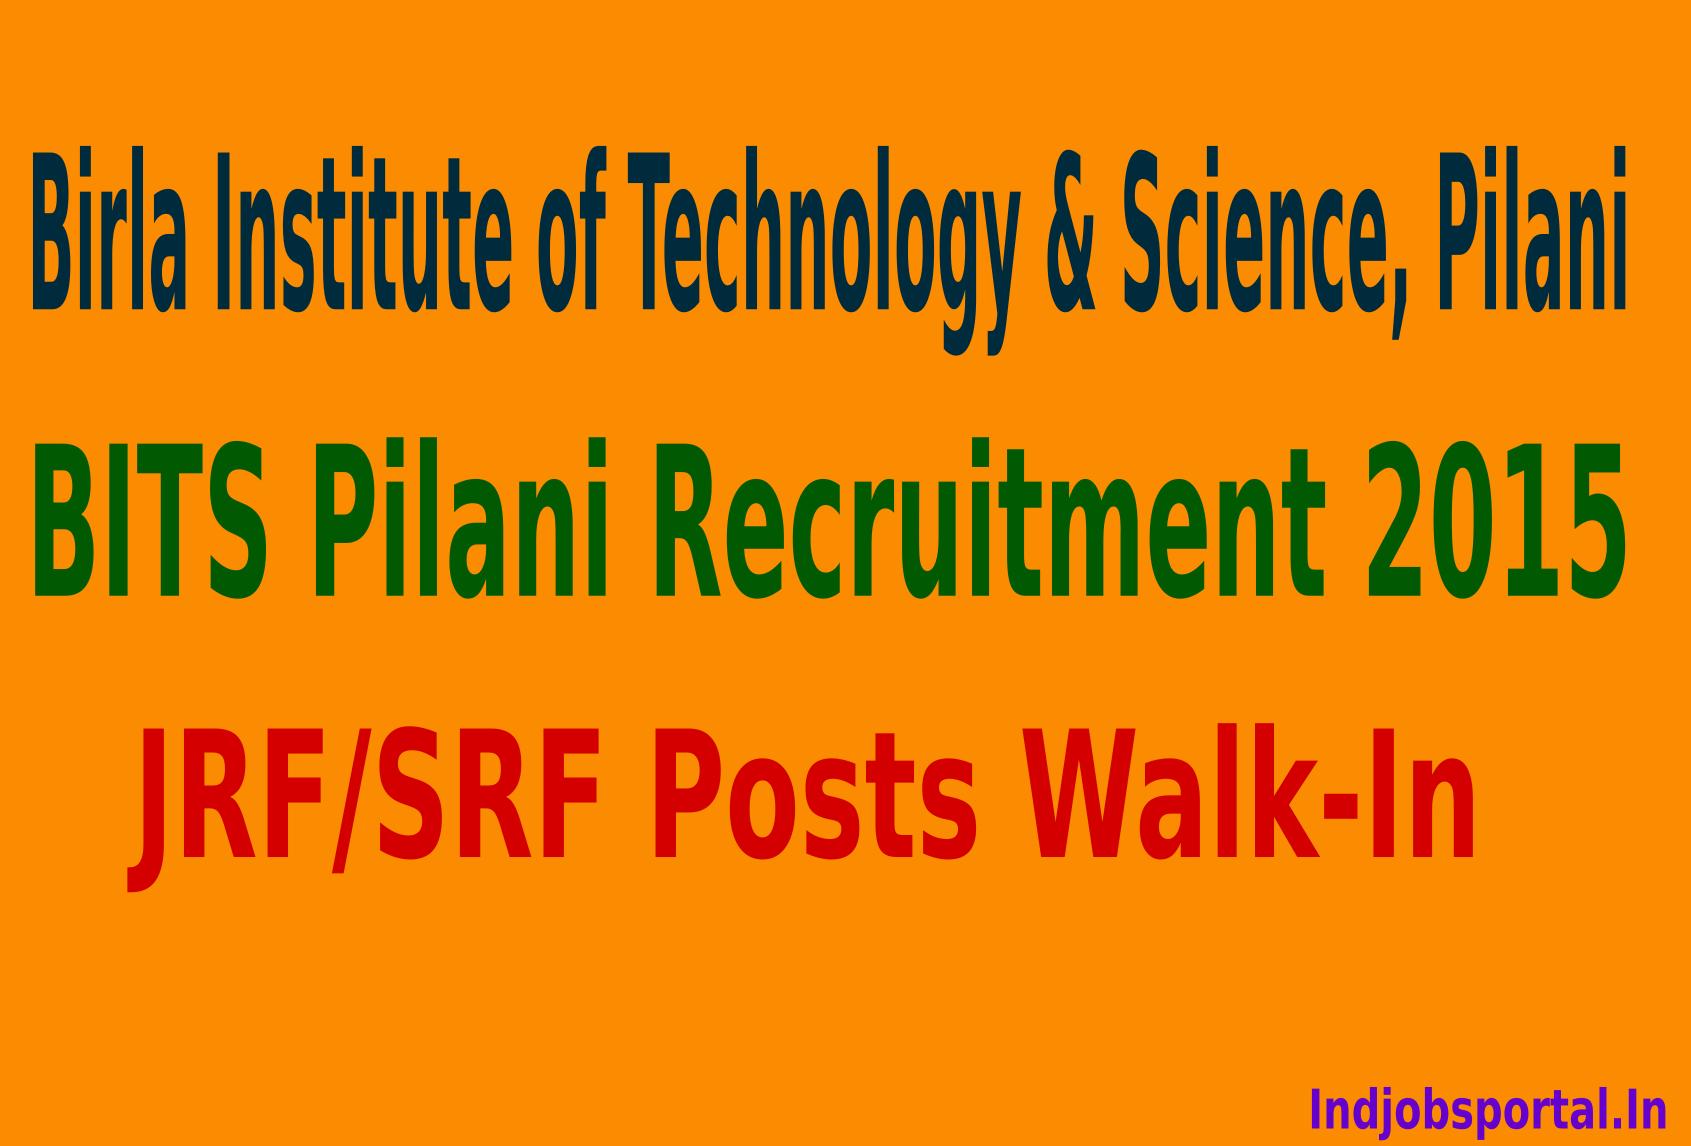 BITS Pilani Recruitment 2015 For JRF/SRF Posts Walk-In